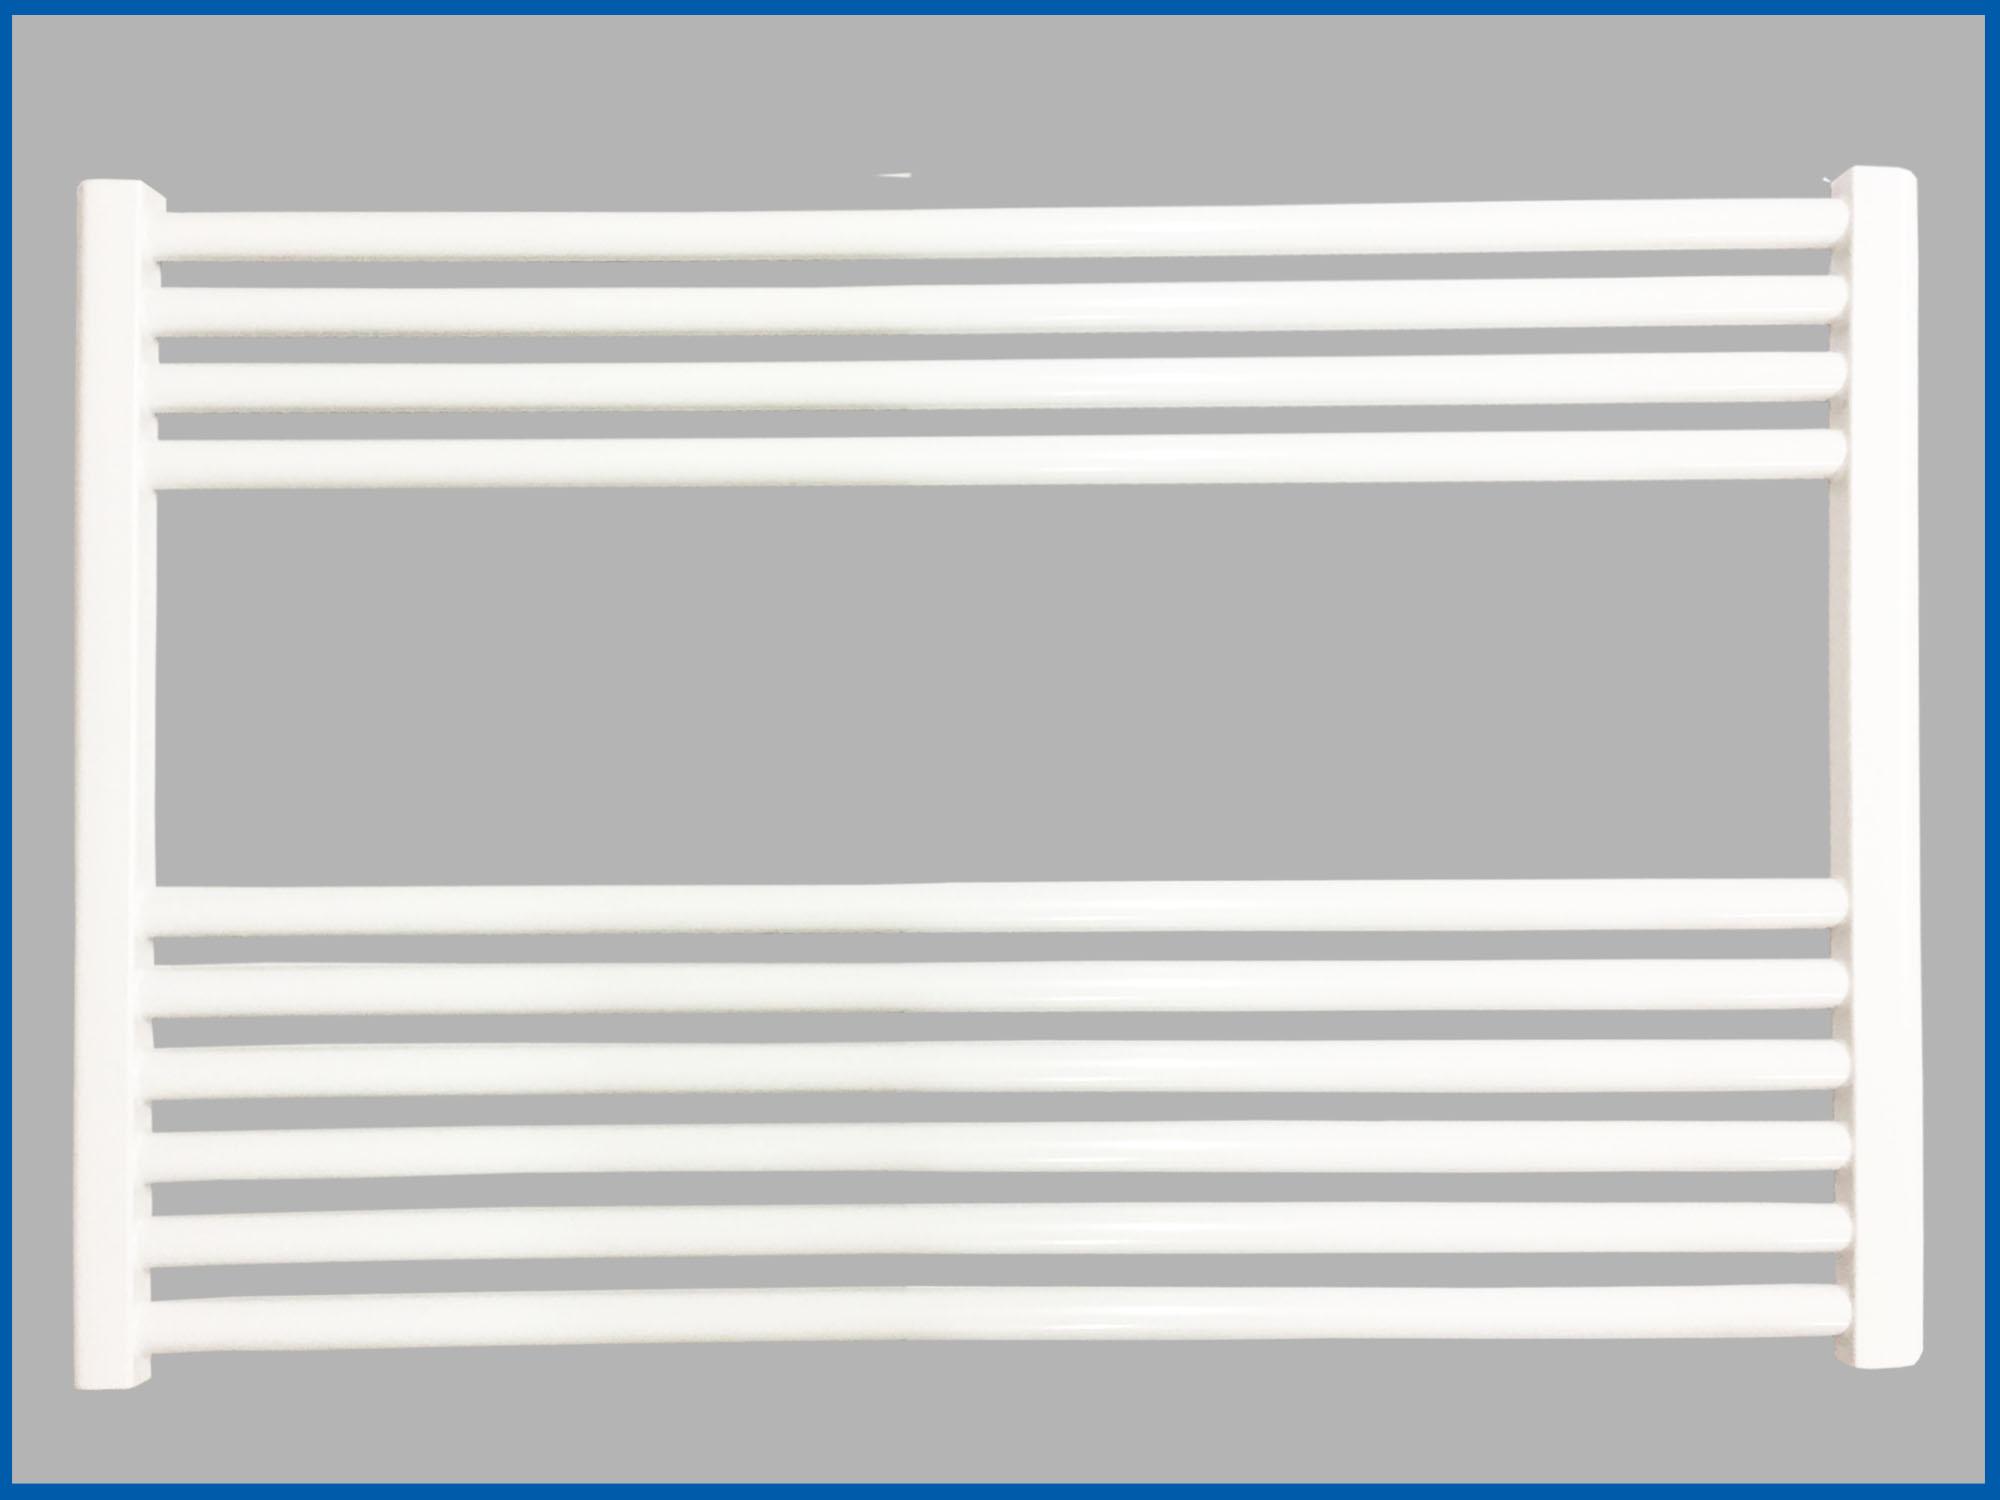 Gerade mit Mittelanschluss Handtuchw/ärmer 600 mm Badheizk/örper SMYRNA Wei/ß Breite 600 mm H/öhe